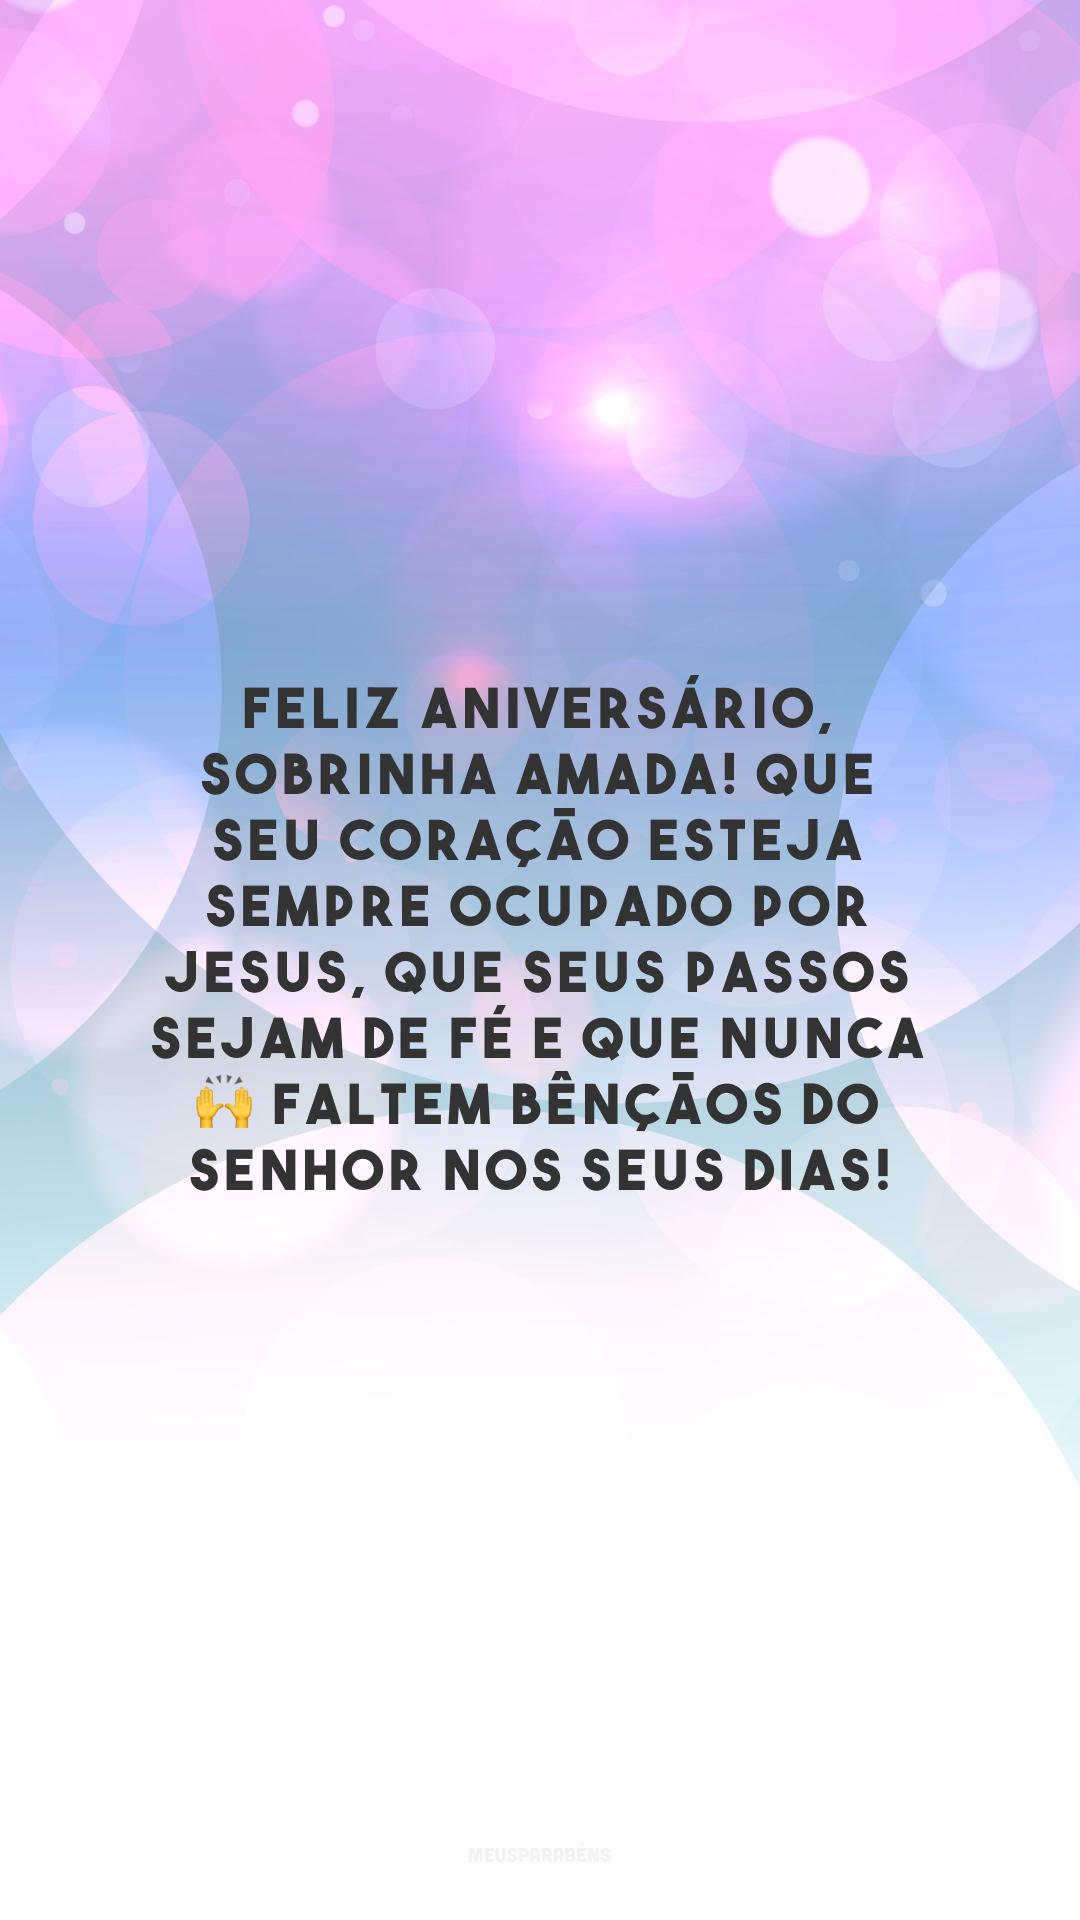 Feliz aniversário, sobrinha amada! Que seu coração esteja sempre ocupado por Jesus, que seus passos sejam de fé e que nunca faltem bênçãos do Senhor nos seus dias!